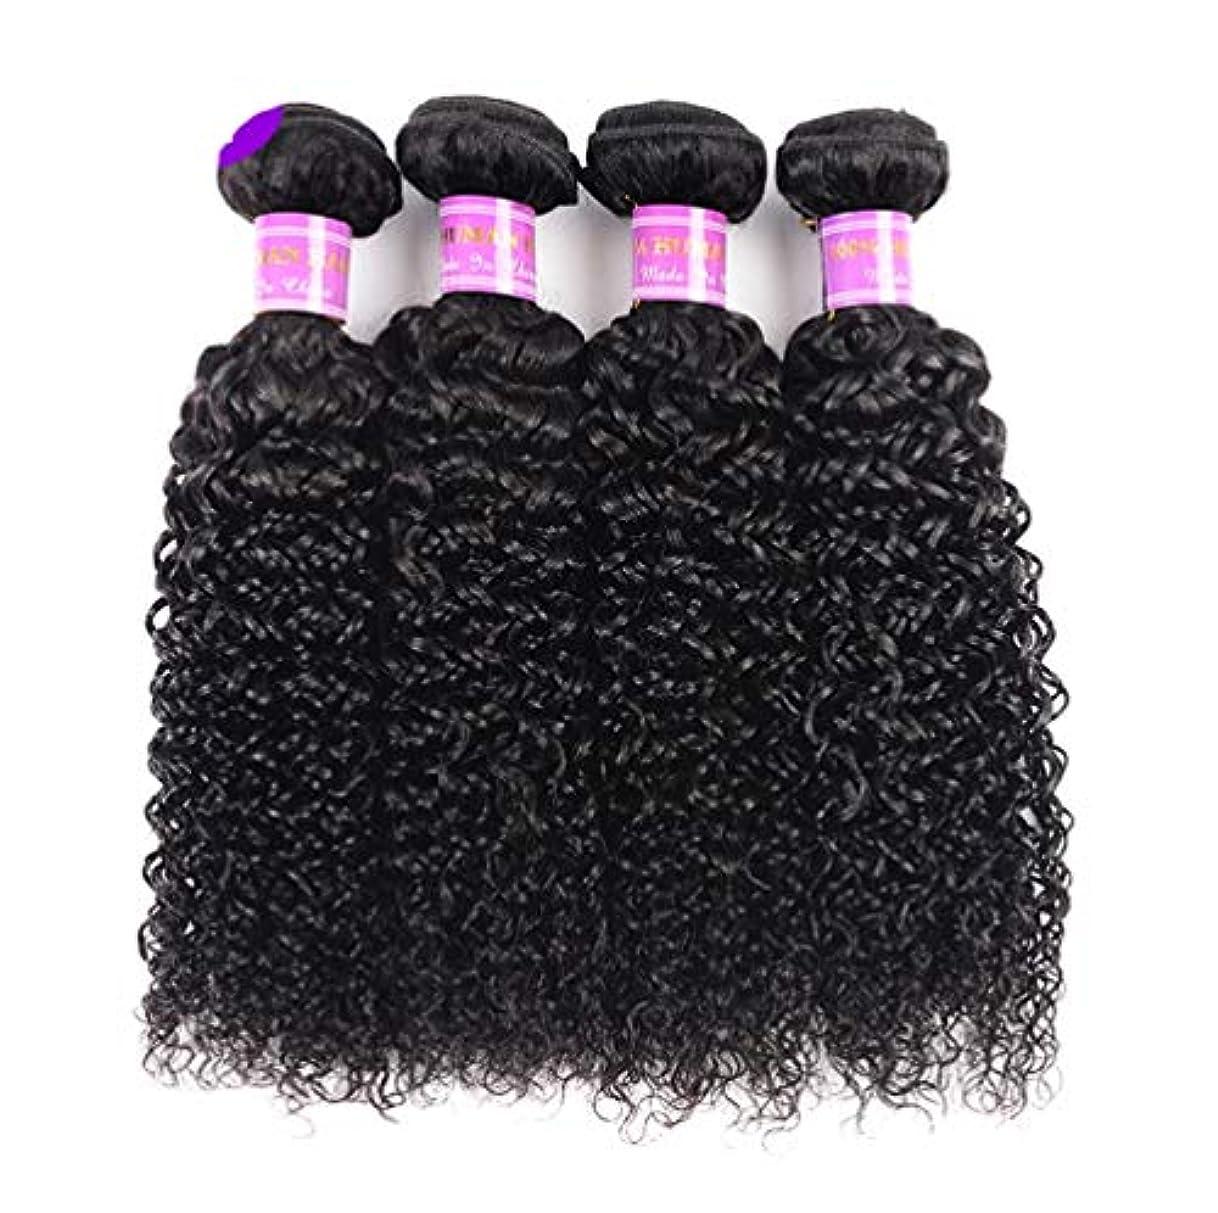 クリープ望まない誇張女性の髪織りブラジルのバージン人毛ボディウェーブ100%人毛織りナチュラルブラックカラー(3バンドル)